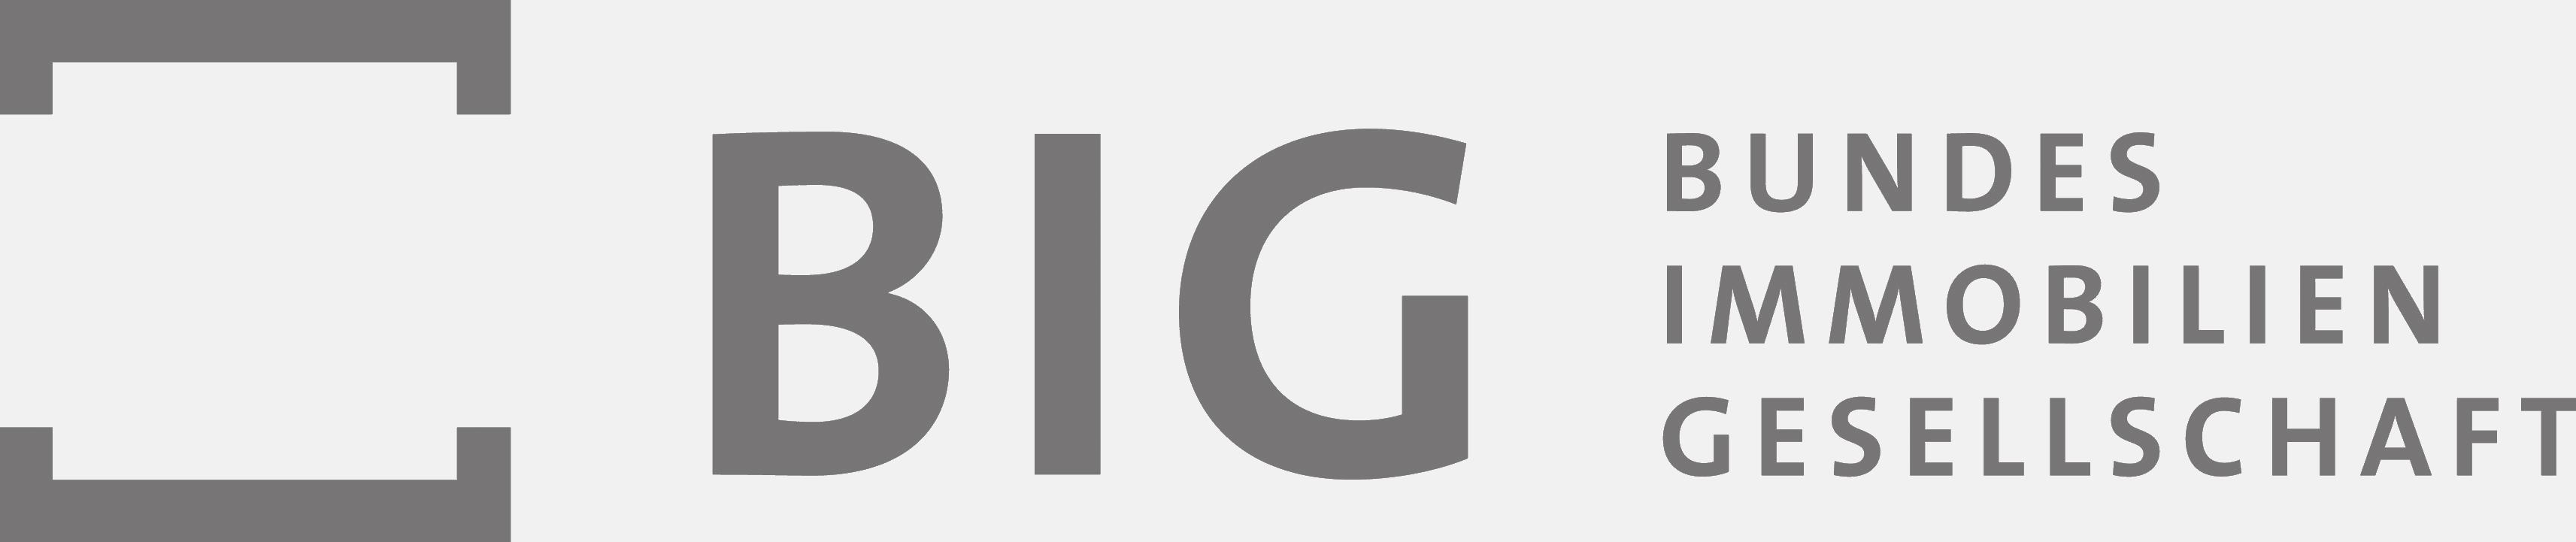 Das Logo der Bundesimmobiliengesellschaft.